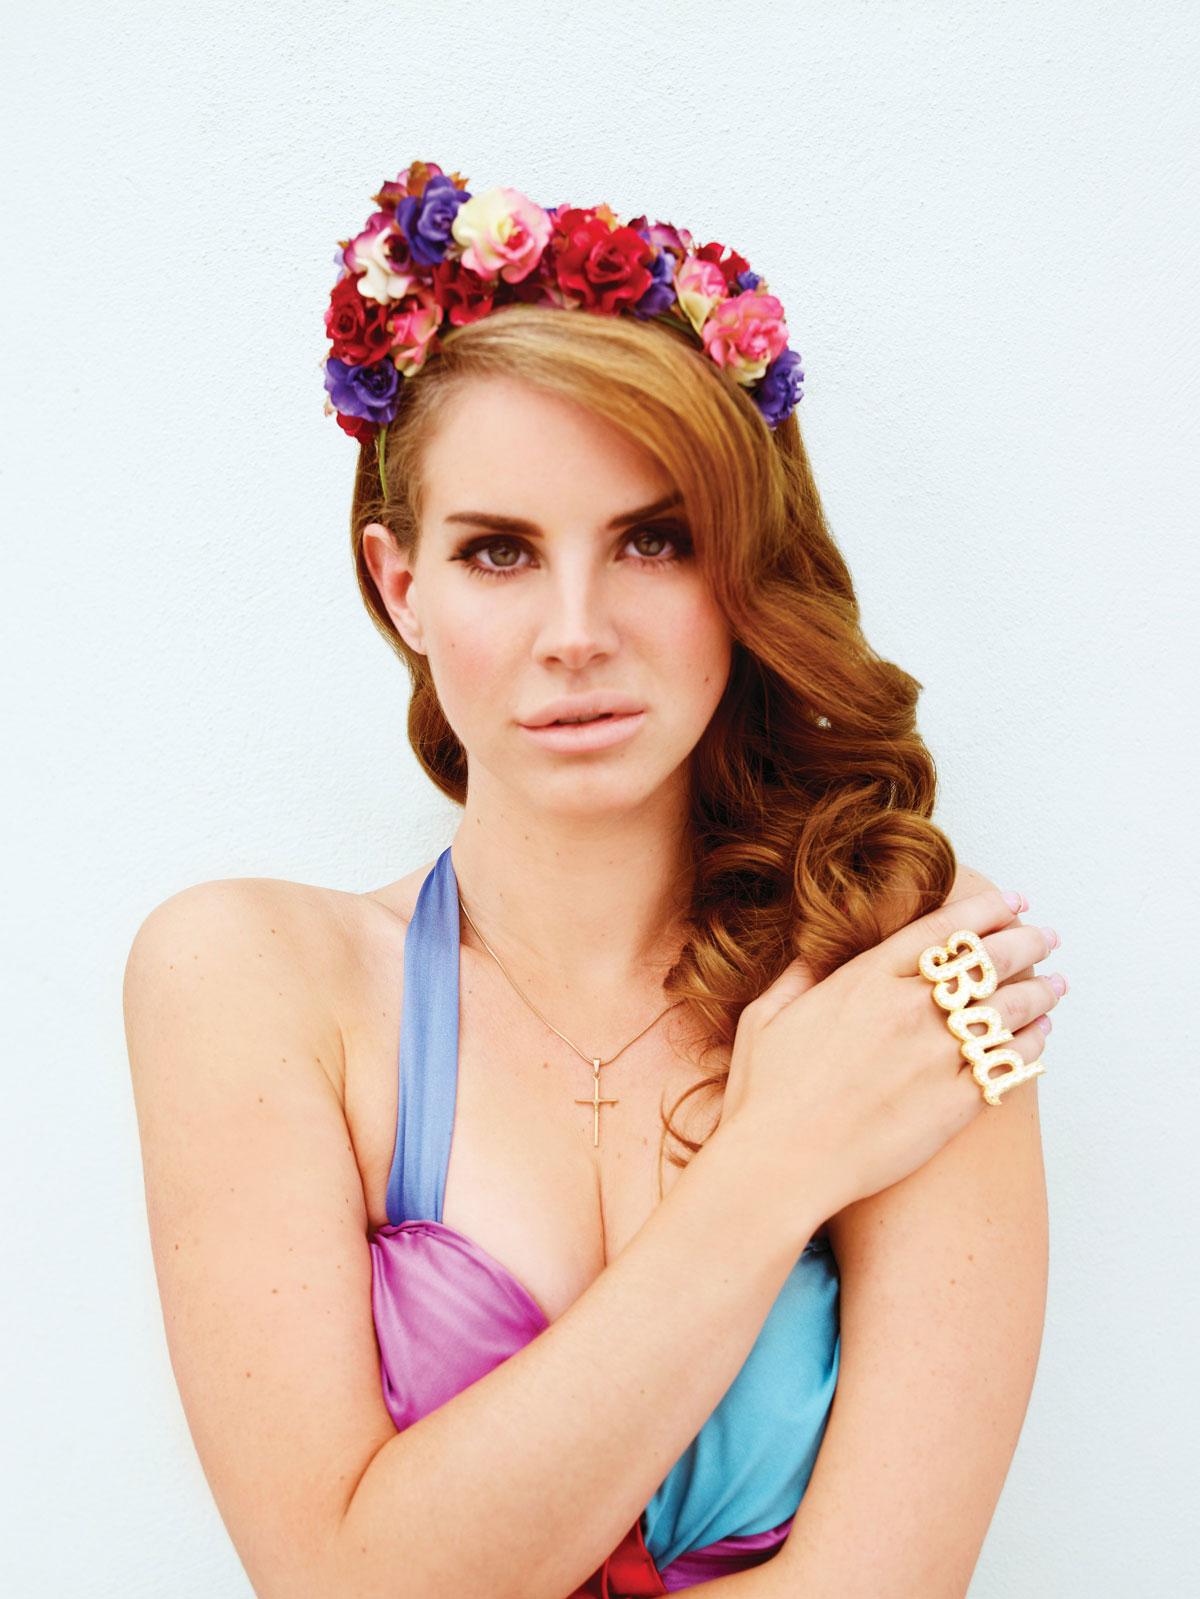 haruno sexy: Lana Del Rey Hot in Nicole Nodland Photoshoot